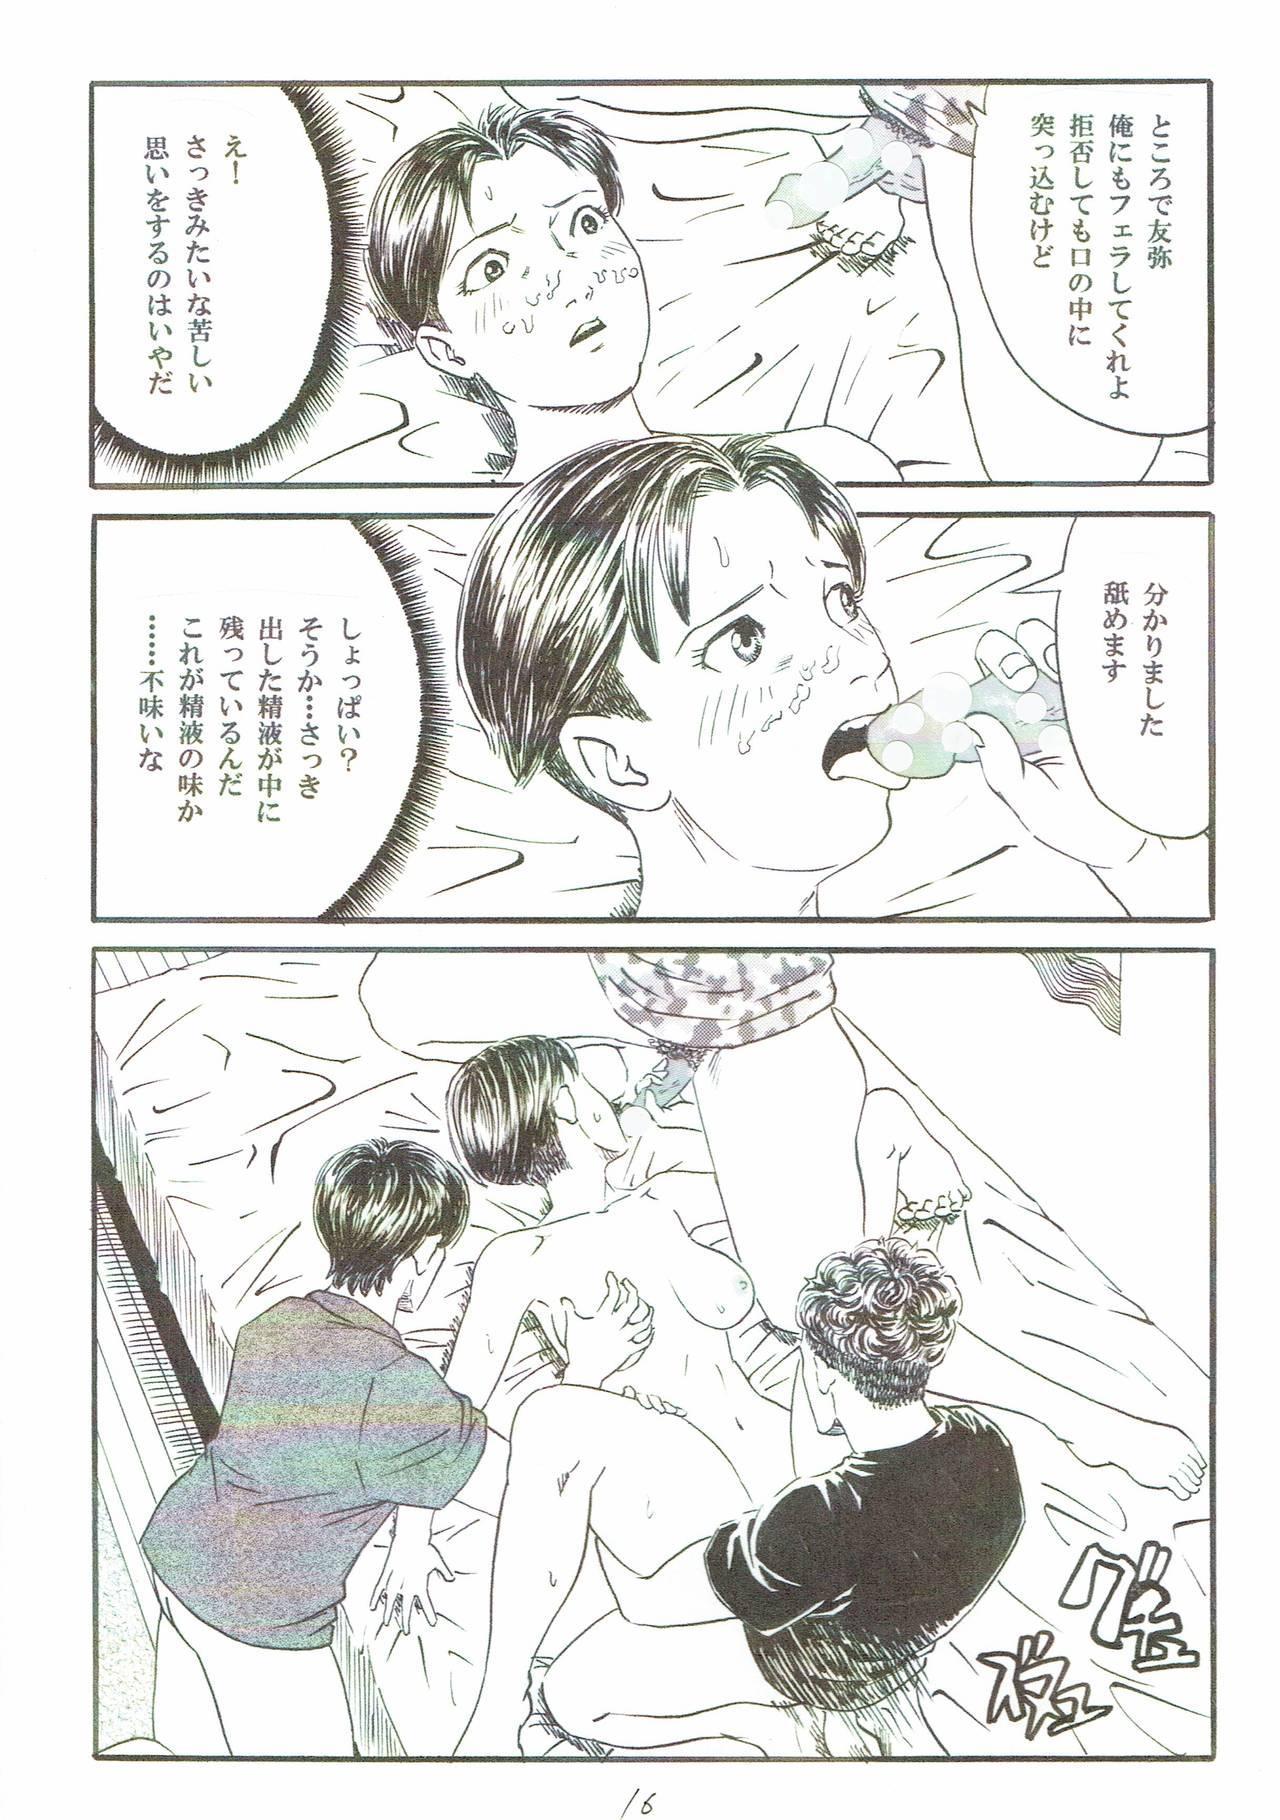 Atarashii Seikyouiku5 16